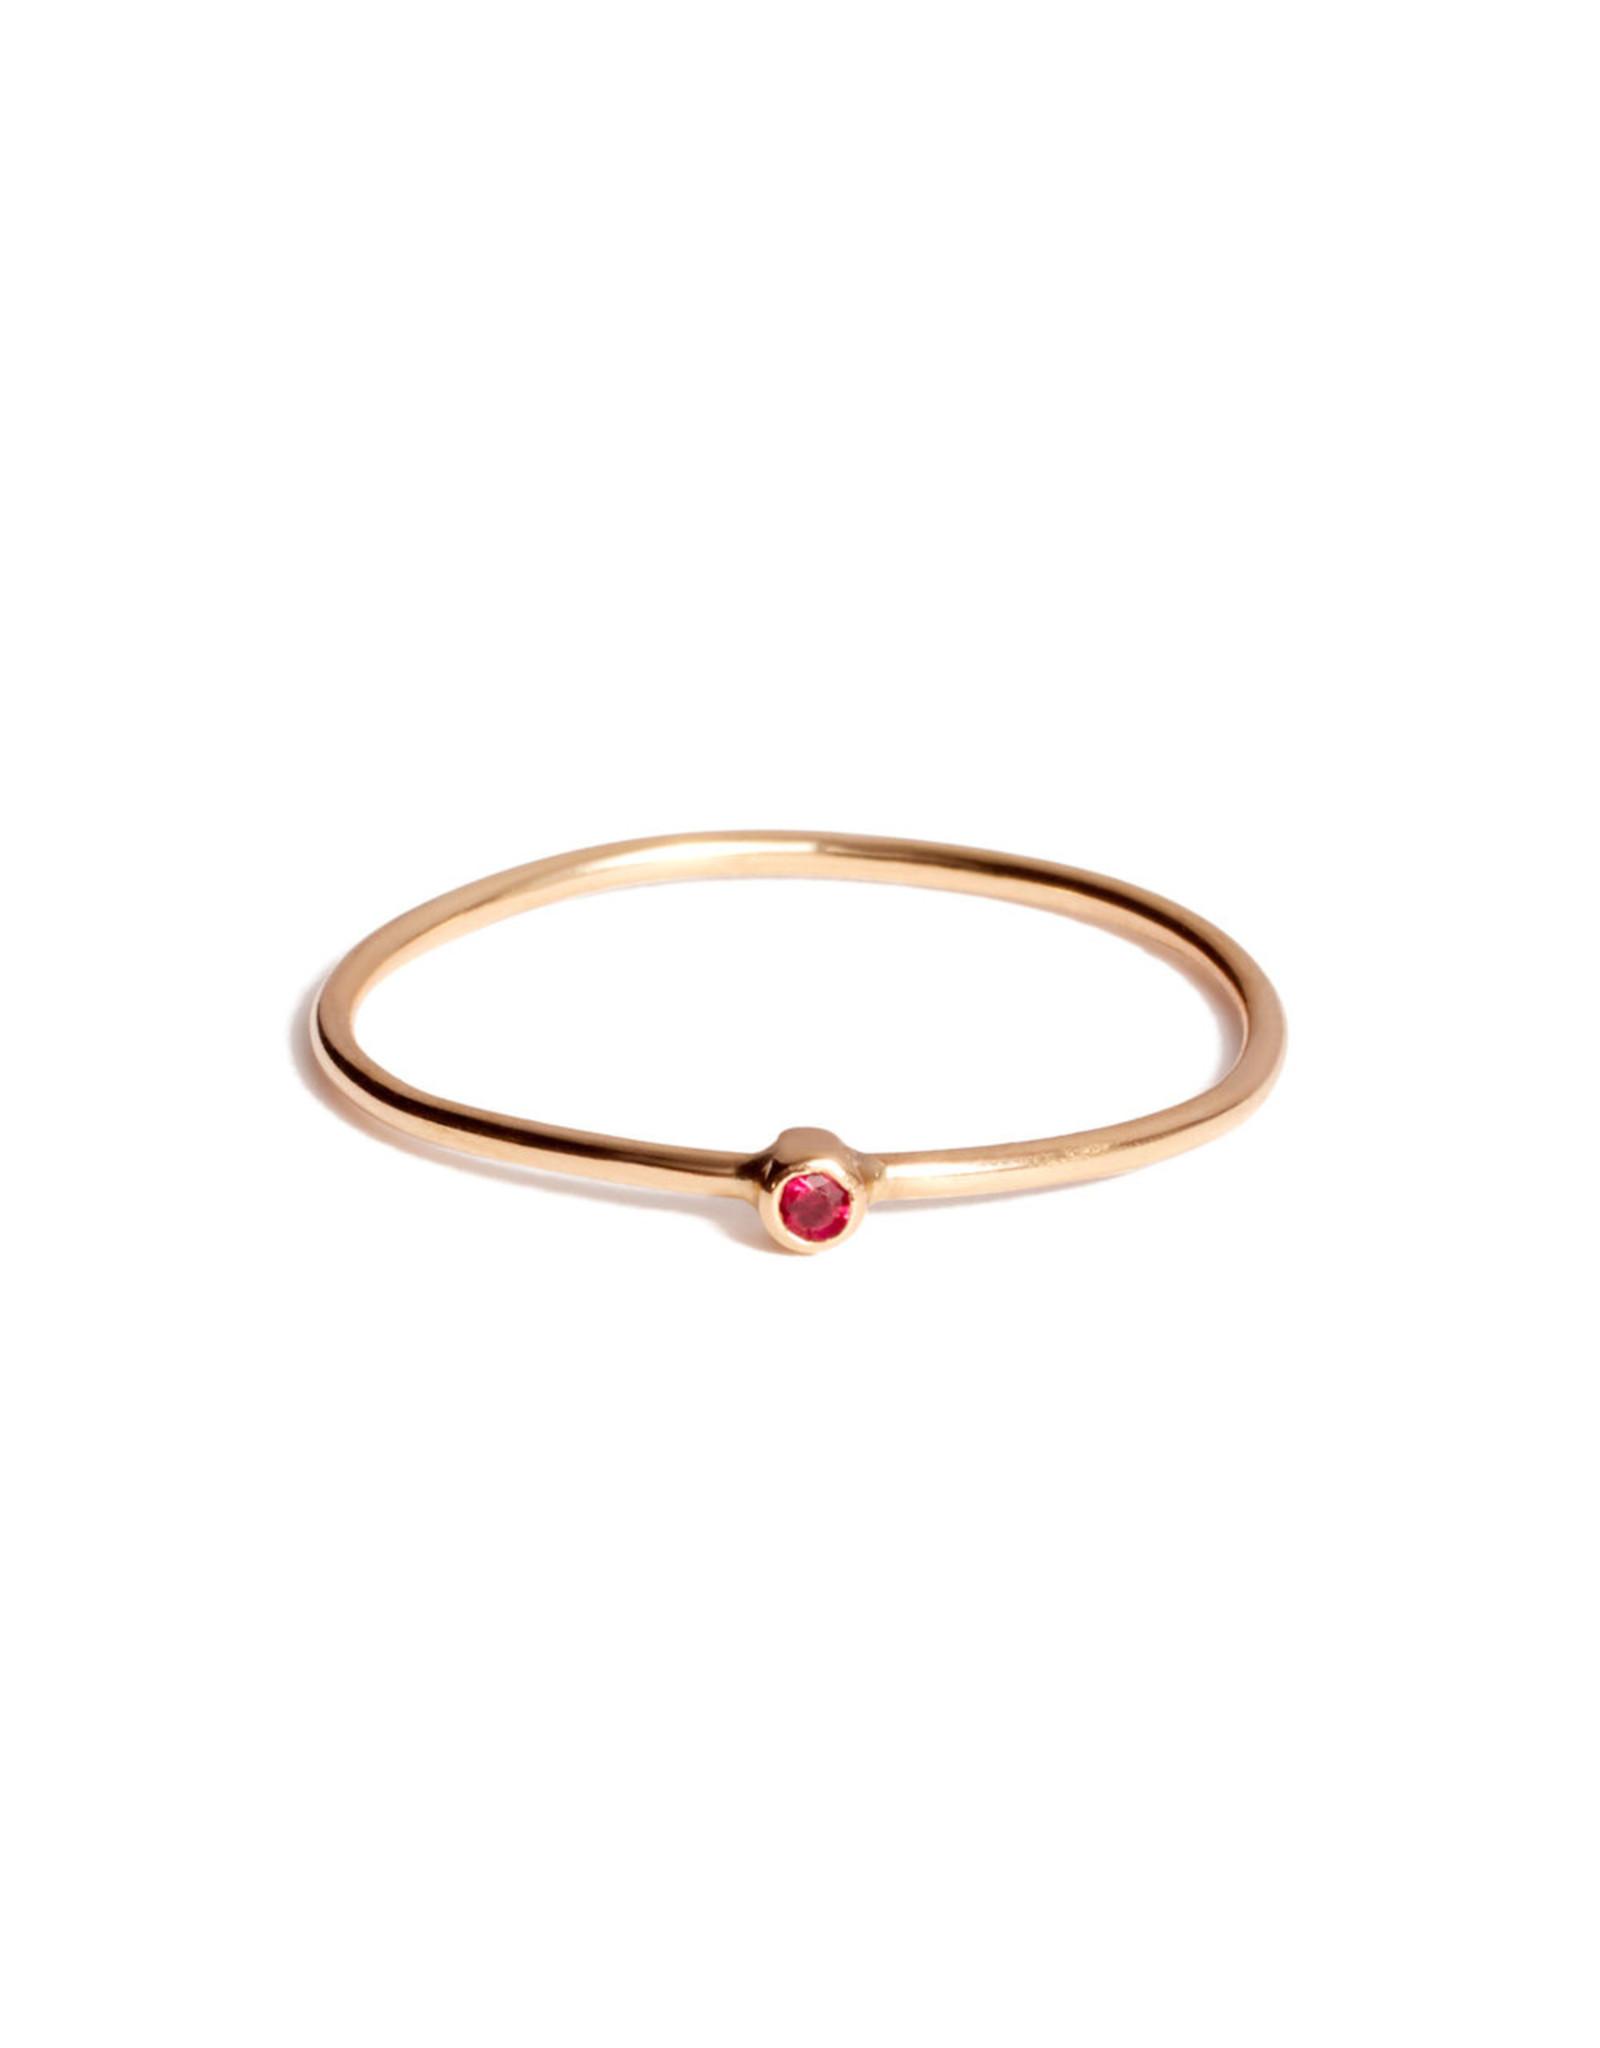 Jennifer Meyer Jennifer Meyer - Ruby Thin Ring - Yellow Gold / Ruby (Size: 6.5)